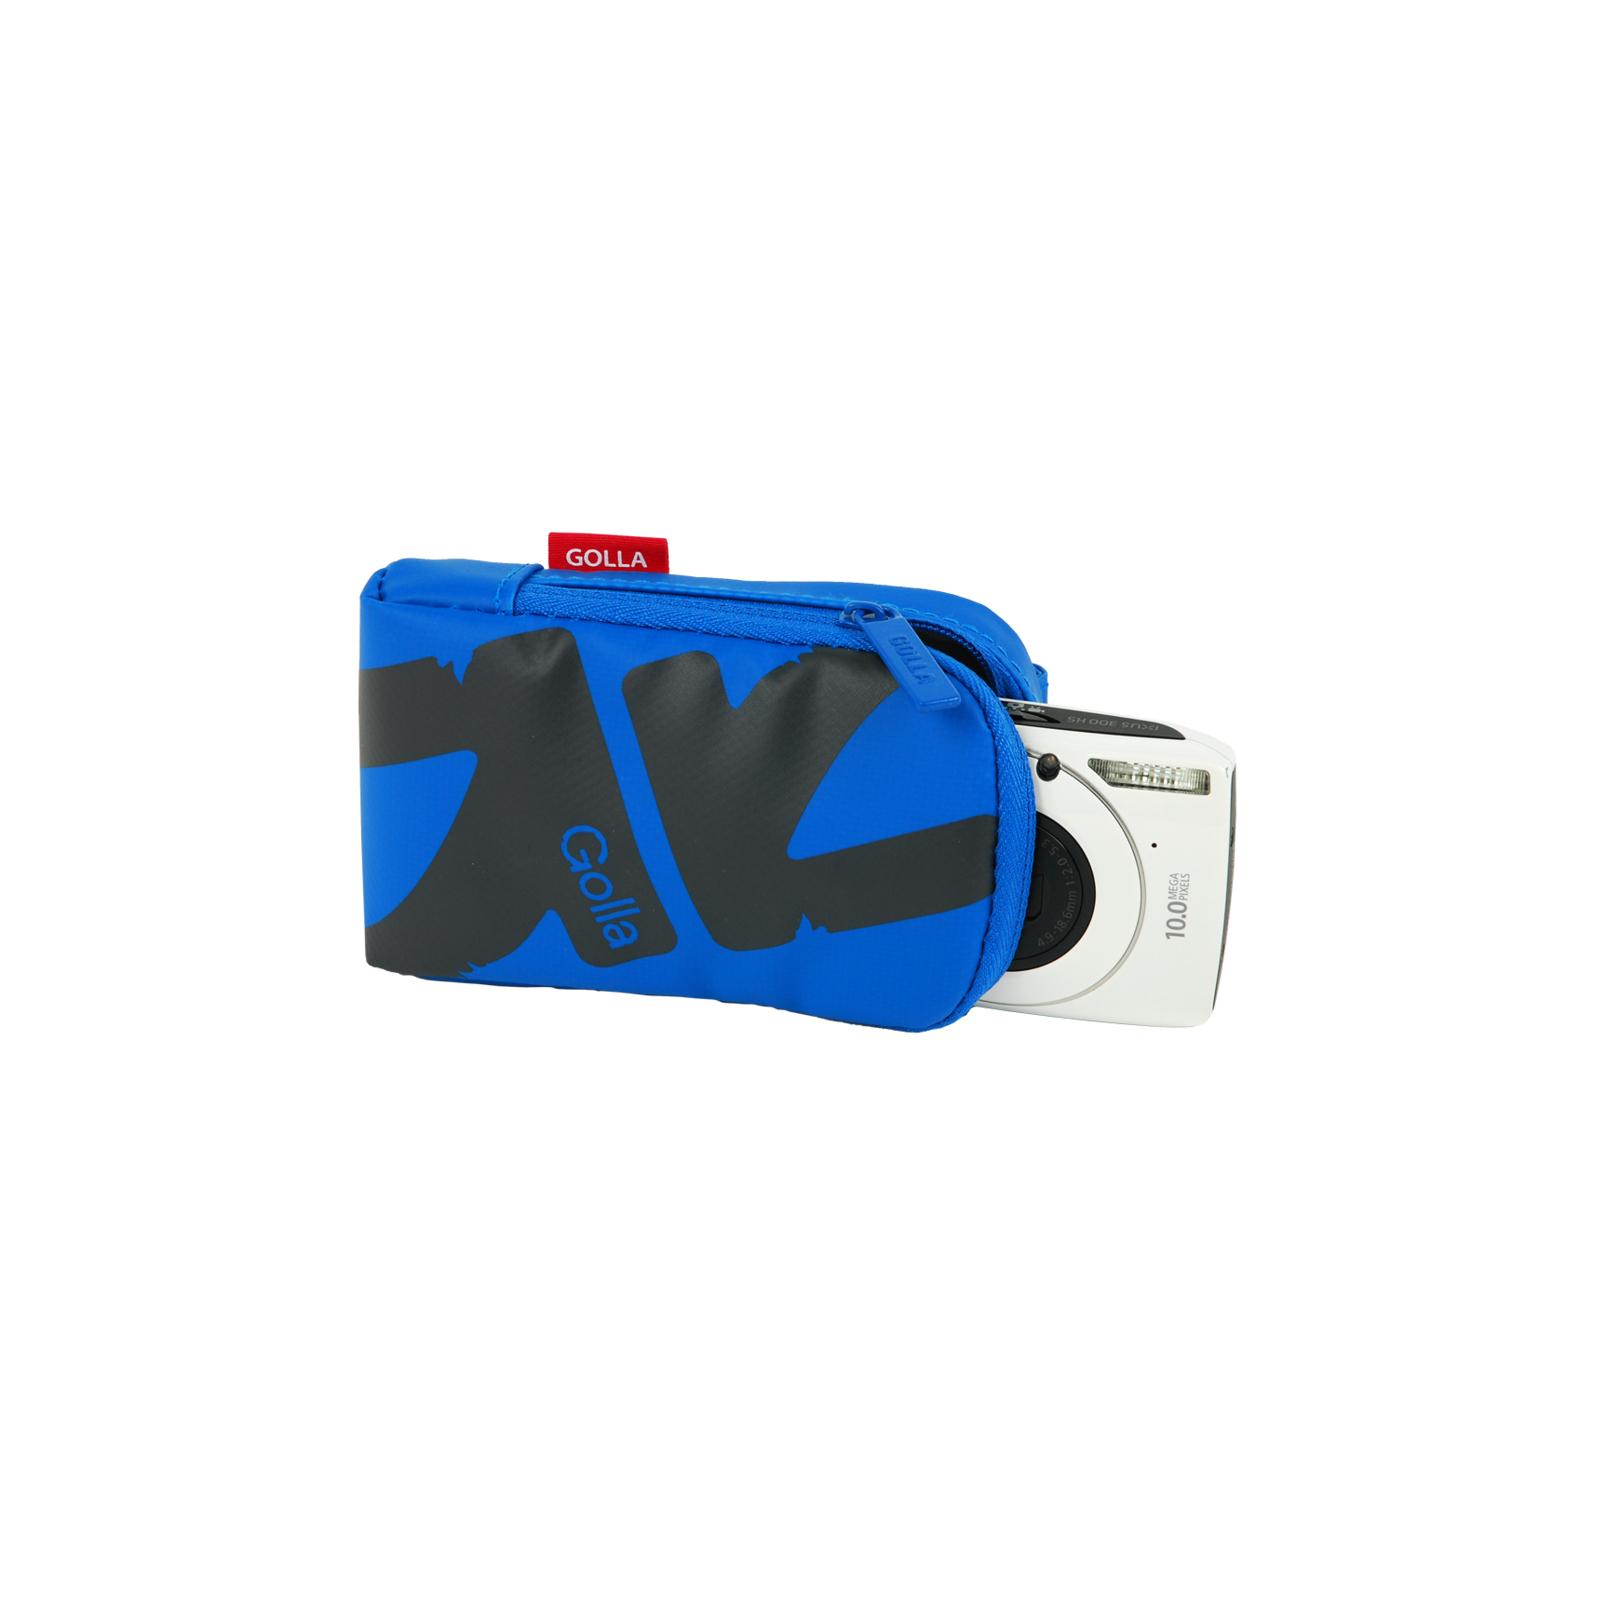 Фото-сумка Golla Digi Bag Burt PVC/polyester /blue (G1353) изображение 5